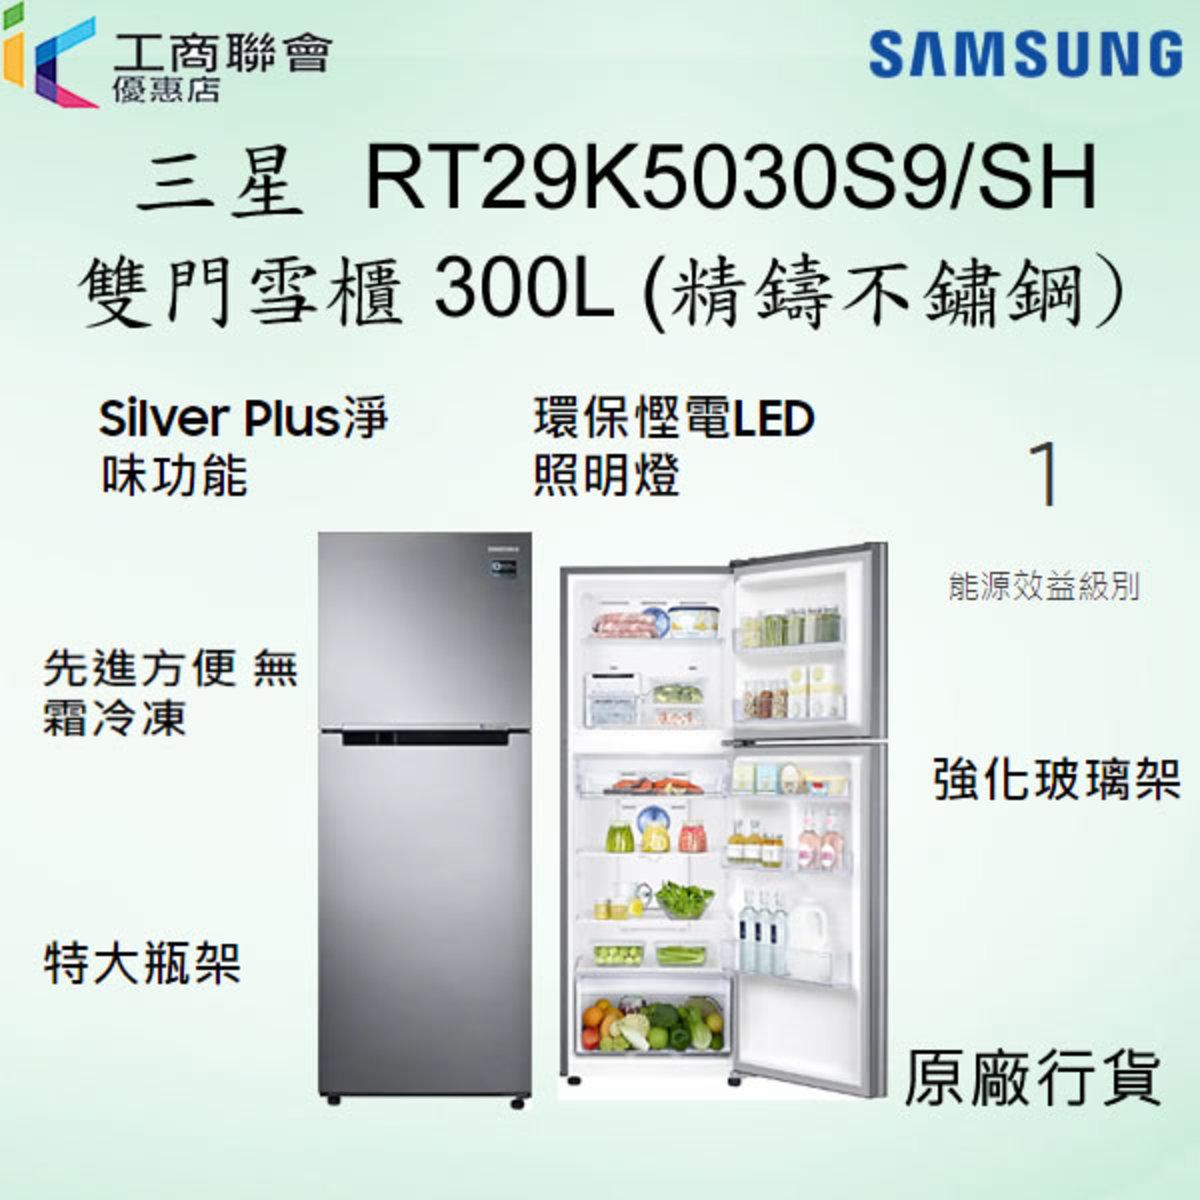 RT29K5030S9/SH   300L 雙門雪櫃 (精鑄不鏽鋼)